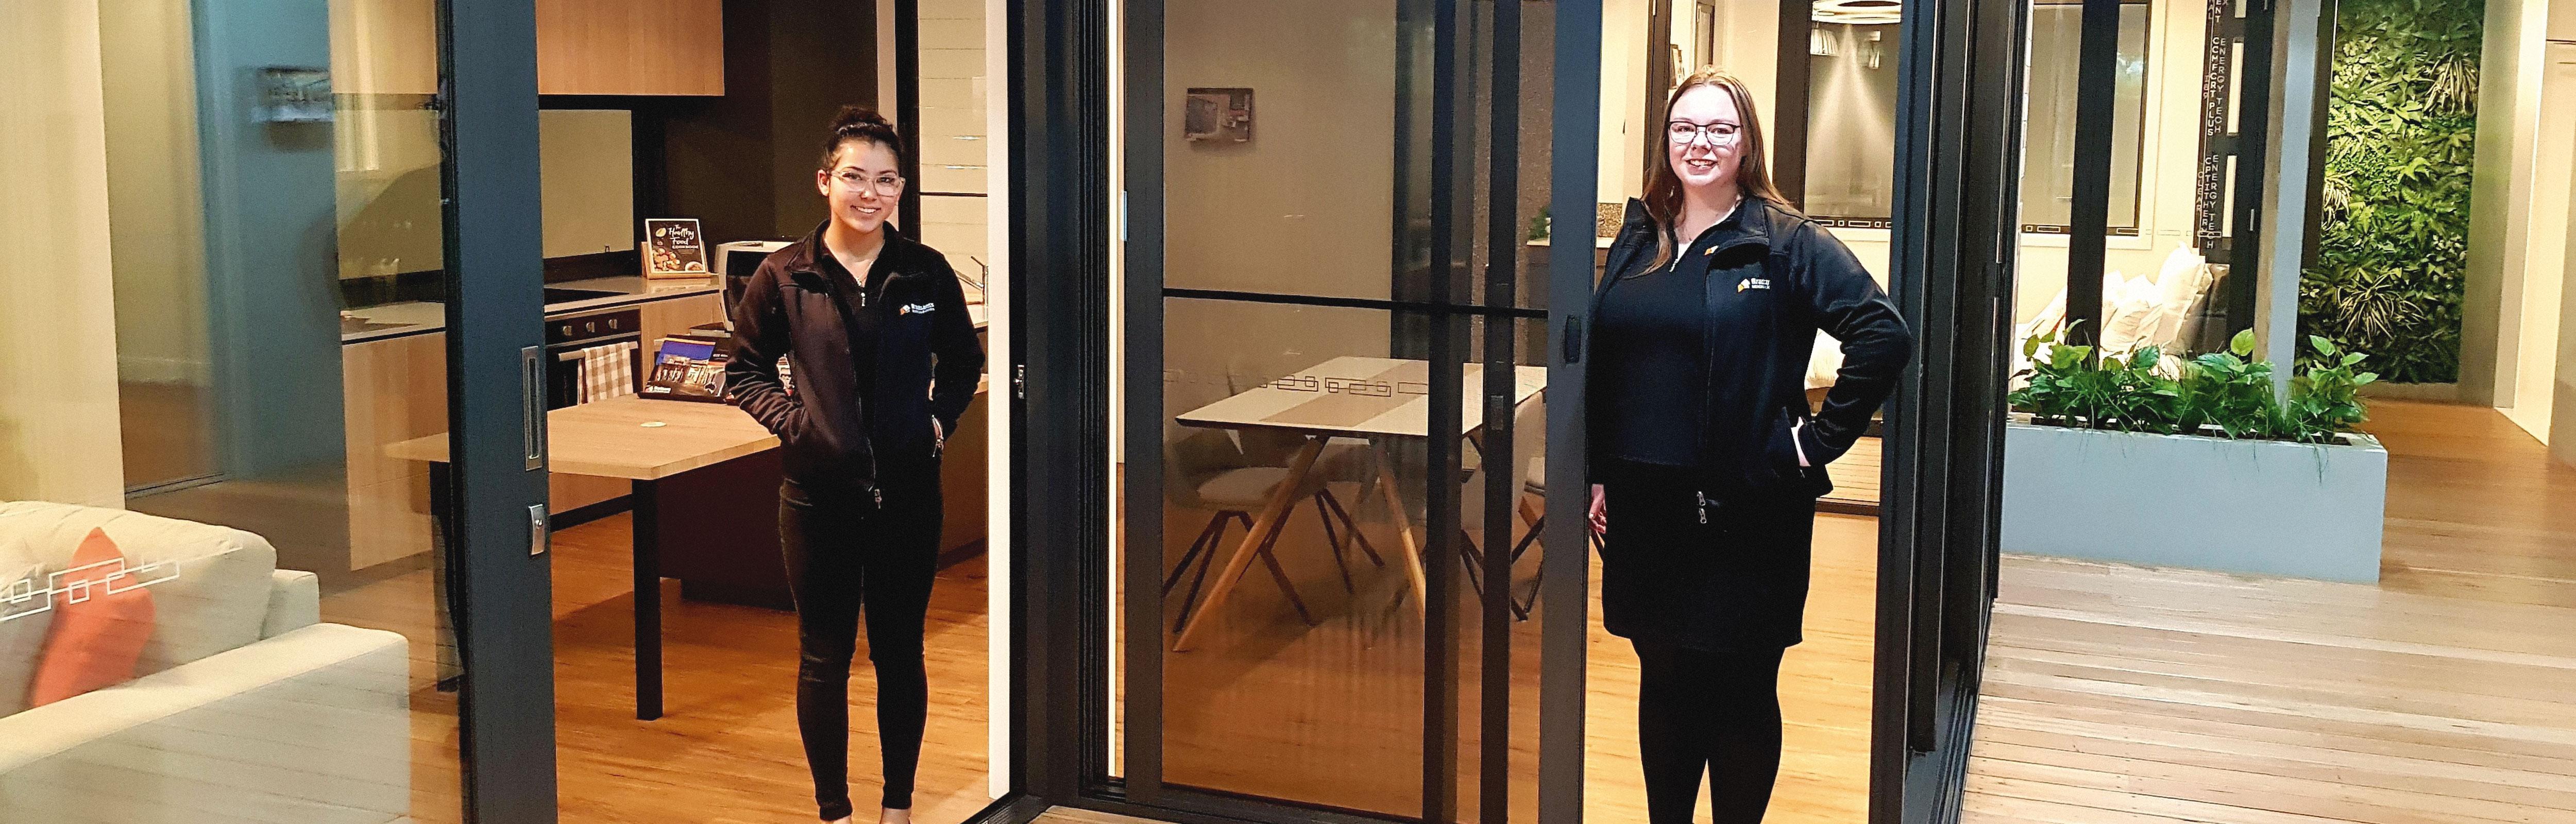 Bradnam's Windows & Doors showroom employees